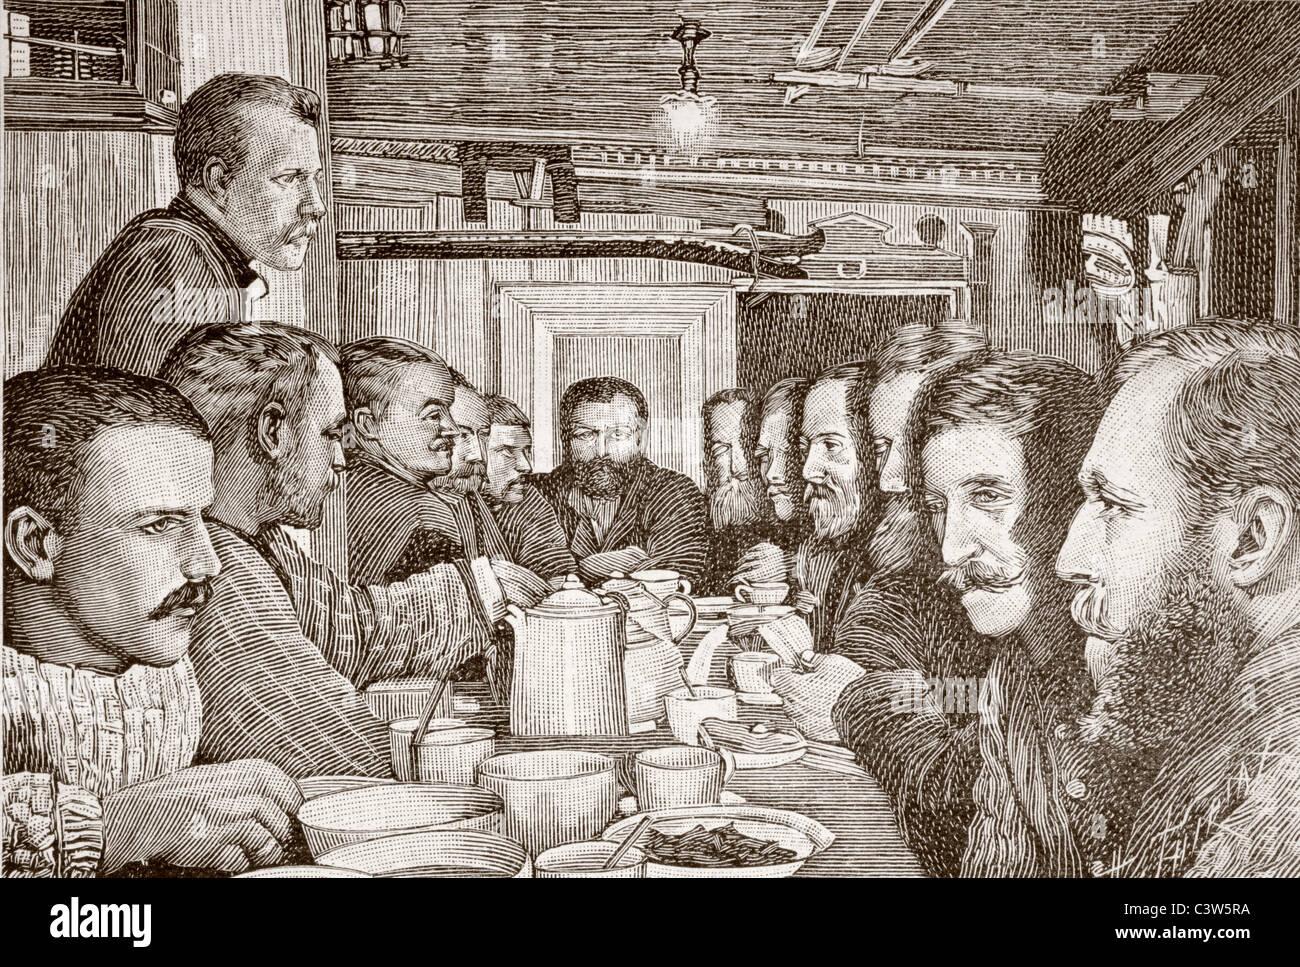 Nansen, debout, de gauche, parle aux douze hommes de son équipe dans l'office d'un 98.6 au cours de Photo Stock